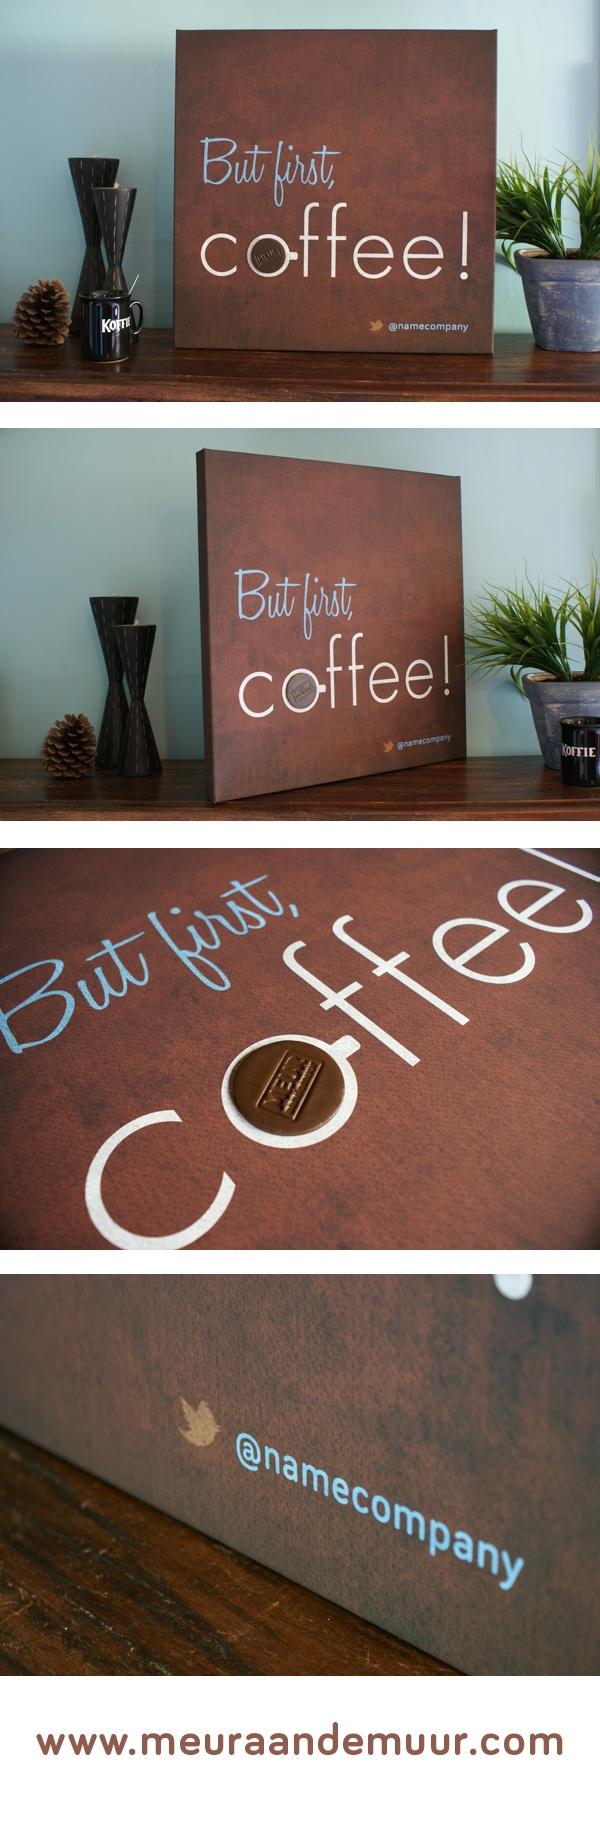 Vers van de pers! | Canvas print met naar koffie geurende was vorm. #handmade